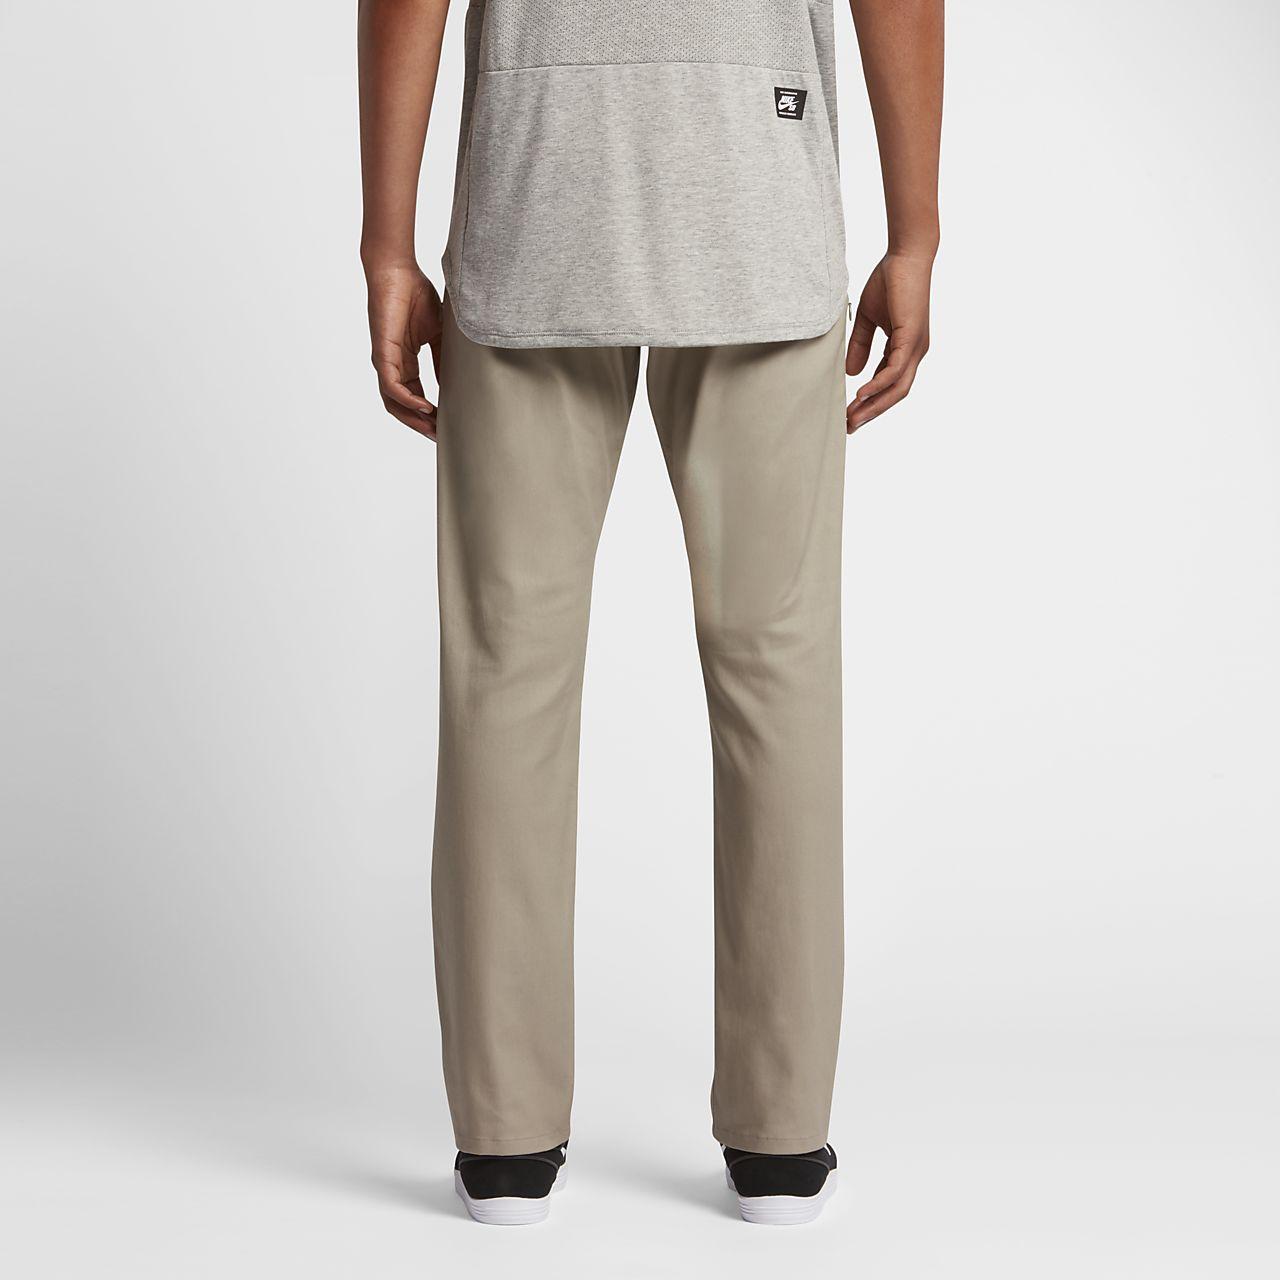 ... Nike SB FTM Chino Men's Trousers